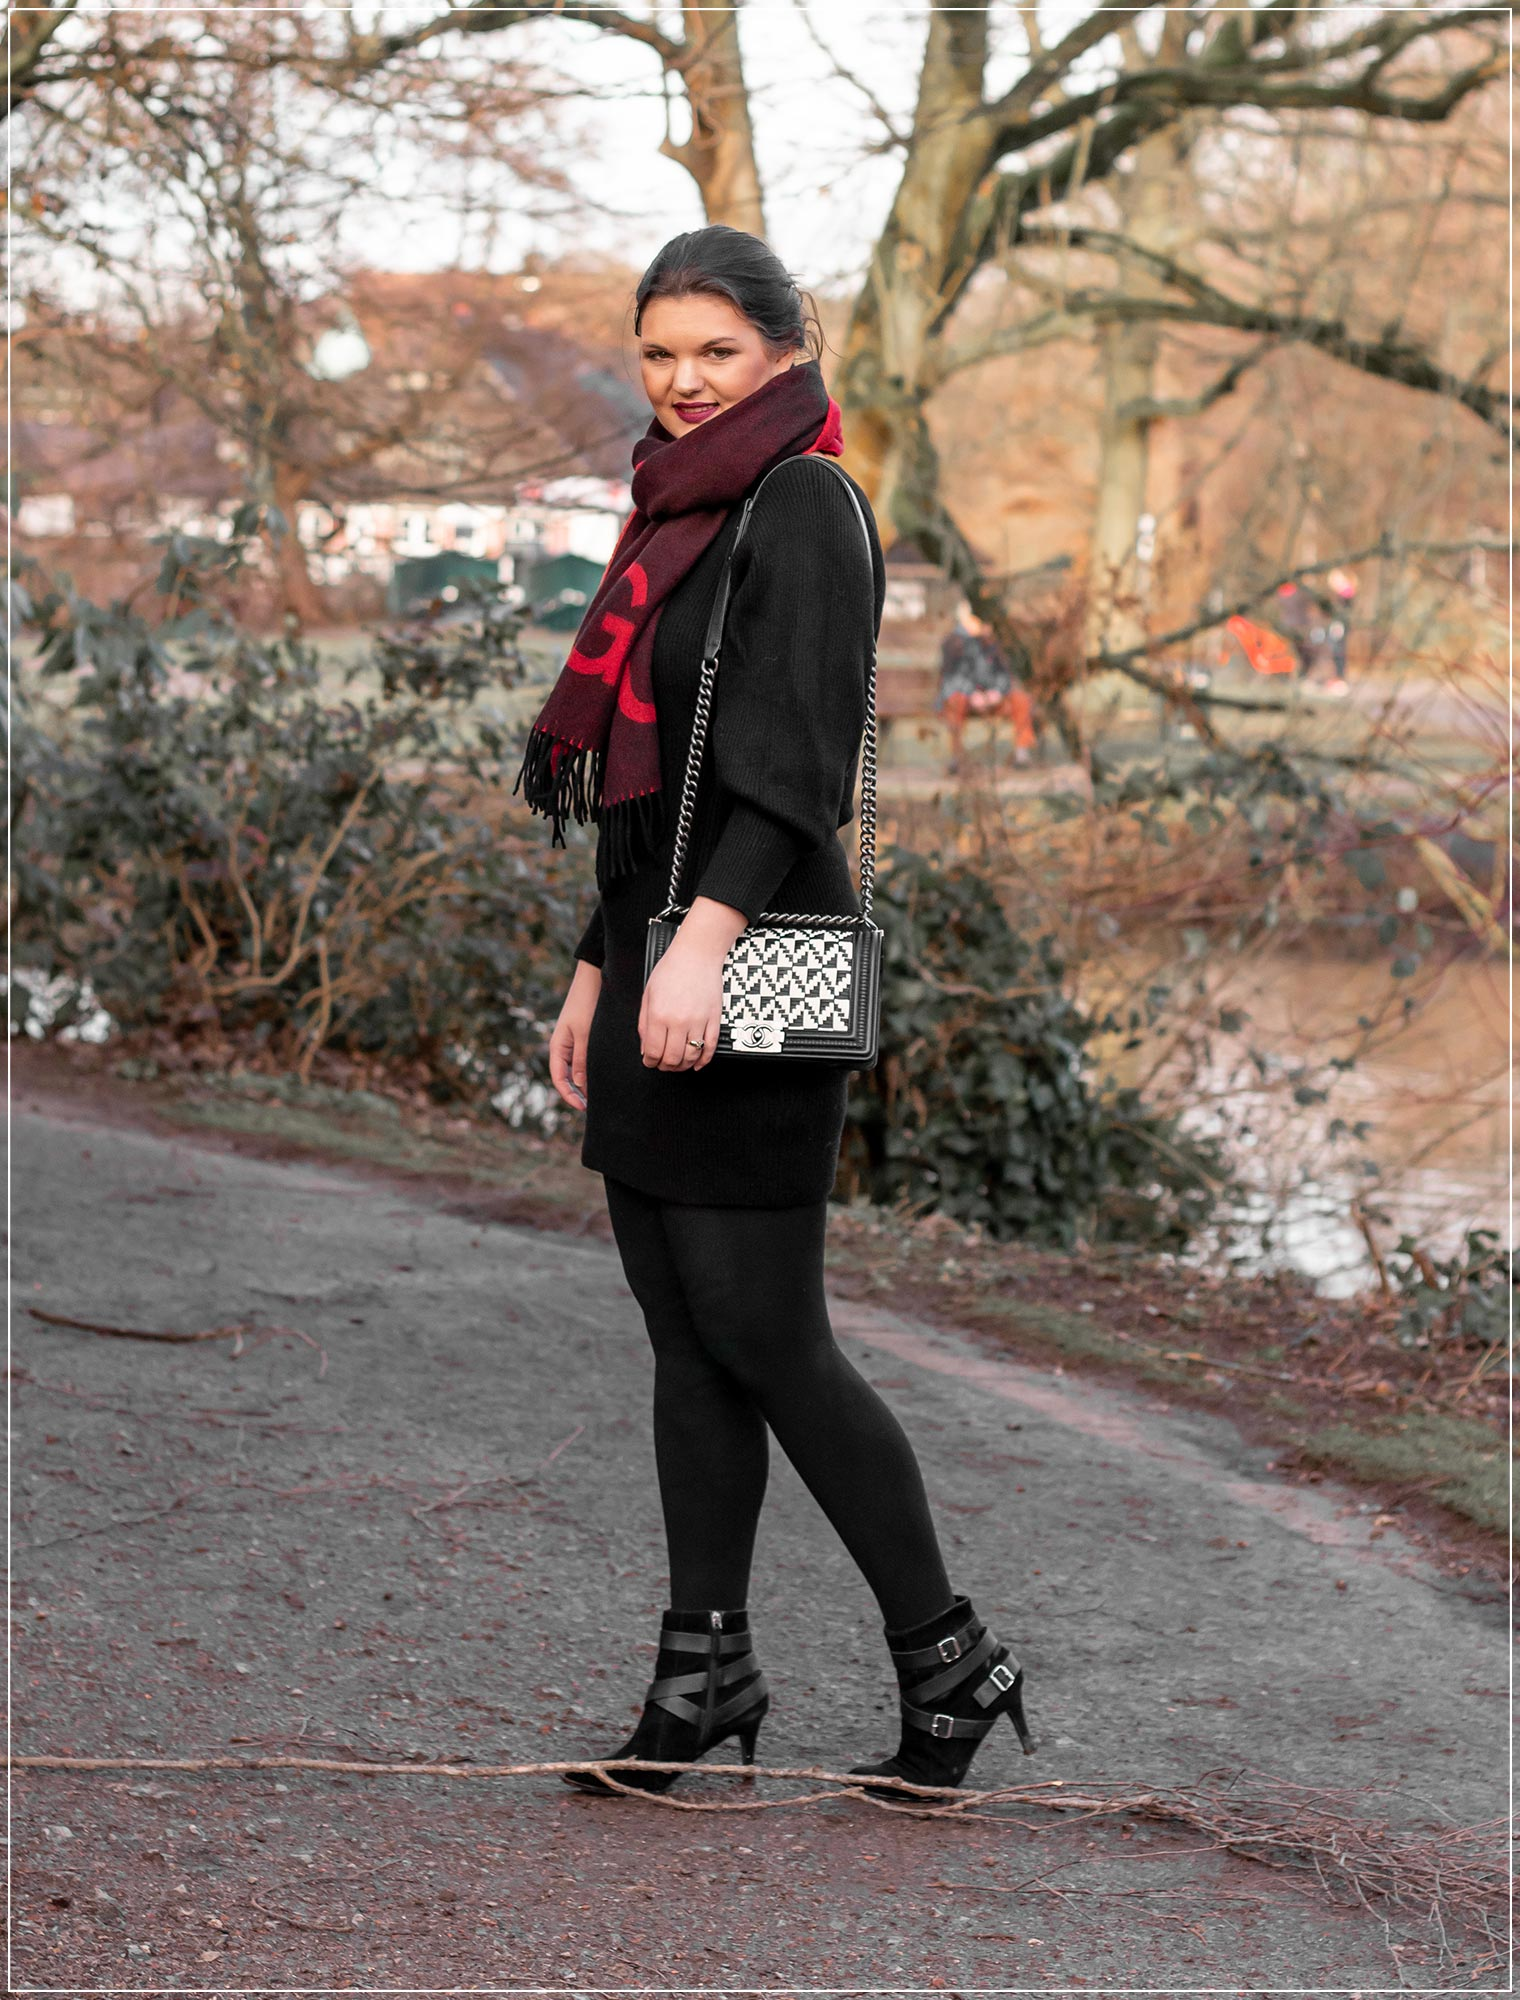 So stylst du einen eleganten Winterlook mit Strickkleid